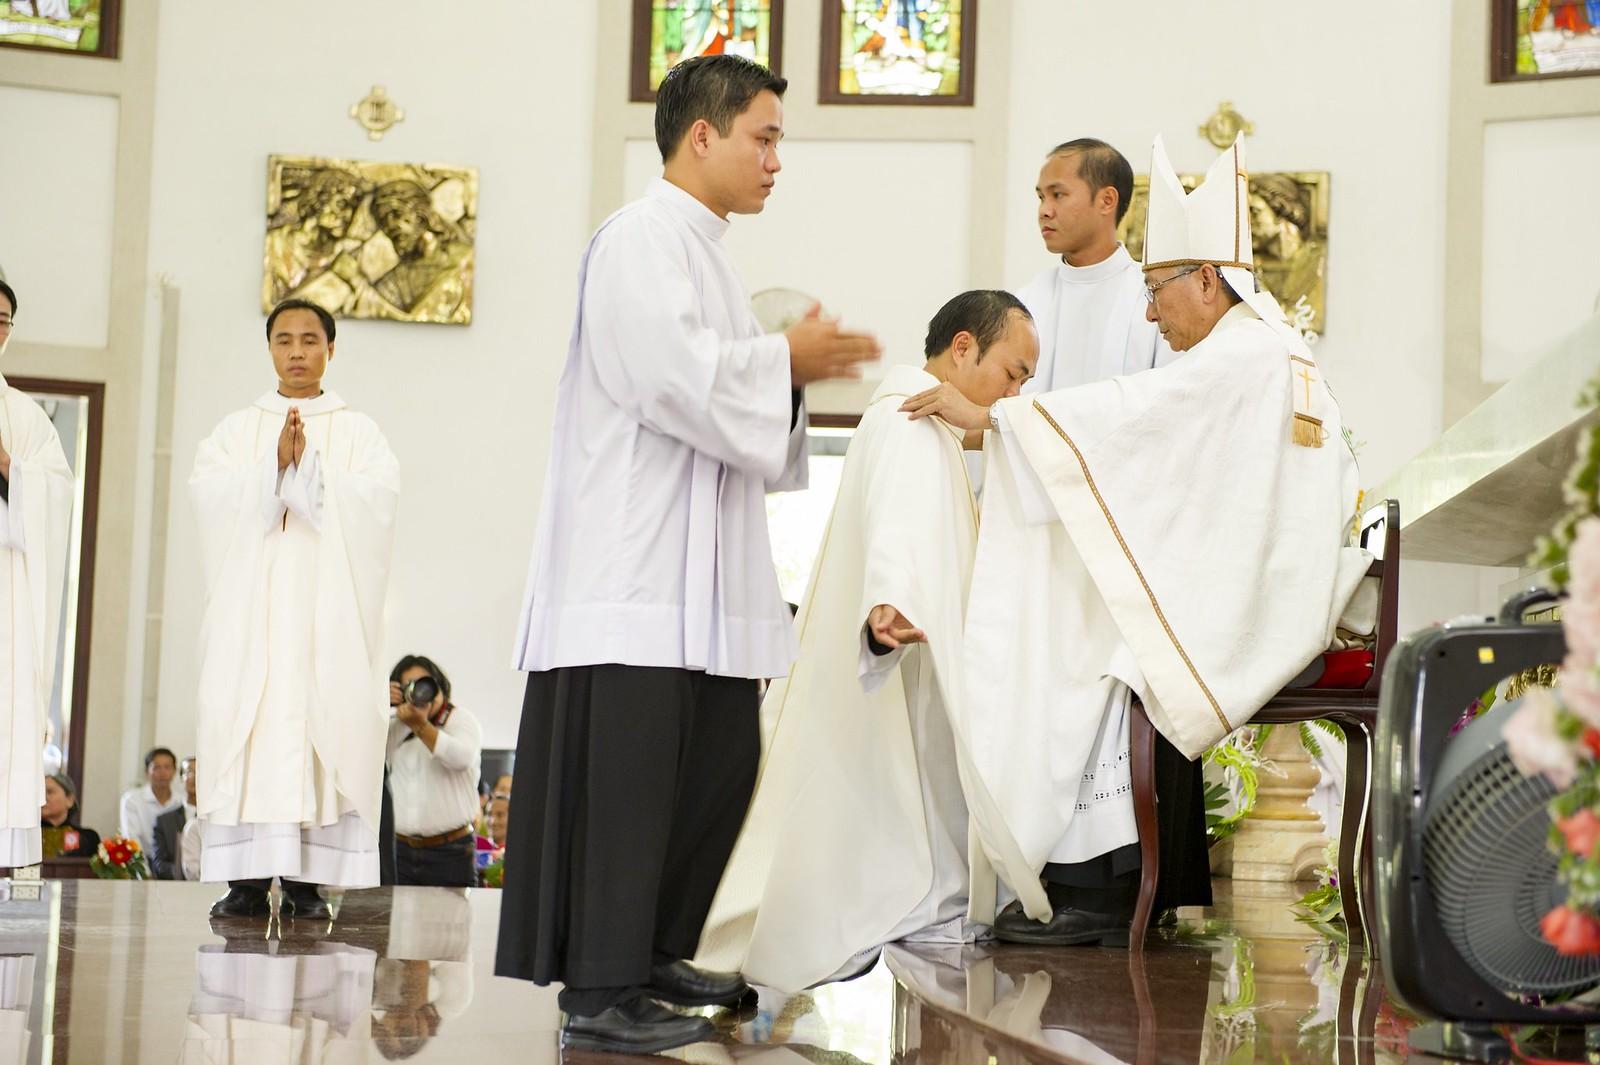 Giáo phận Bà Rịa: Thánh lễ Truyền chức Linh mục 2017 - Ảnh minh hoạ 16